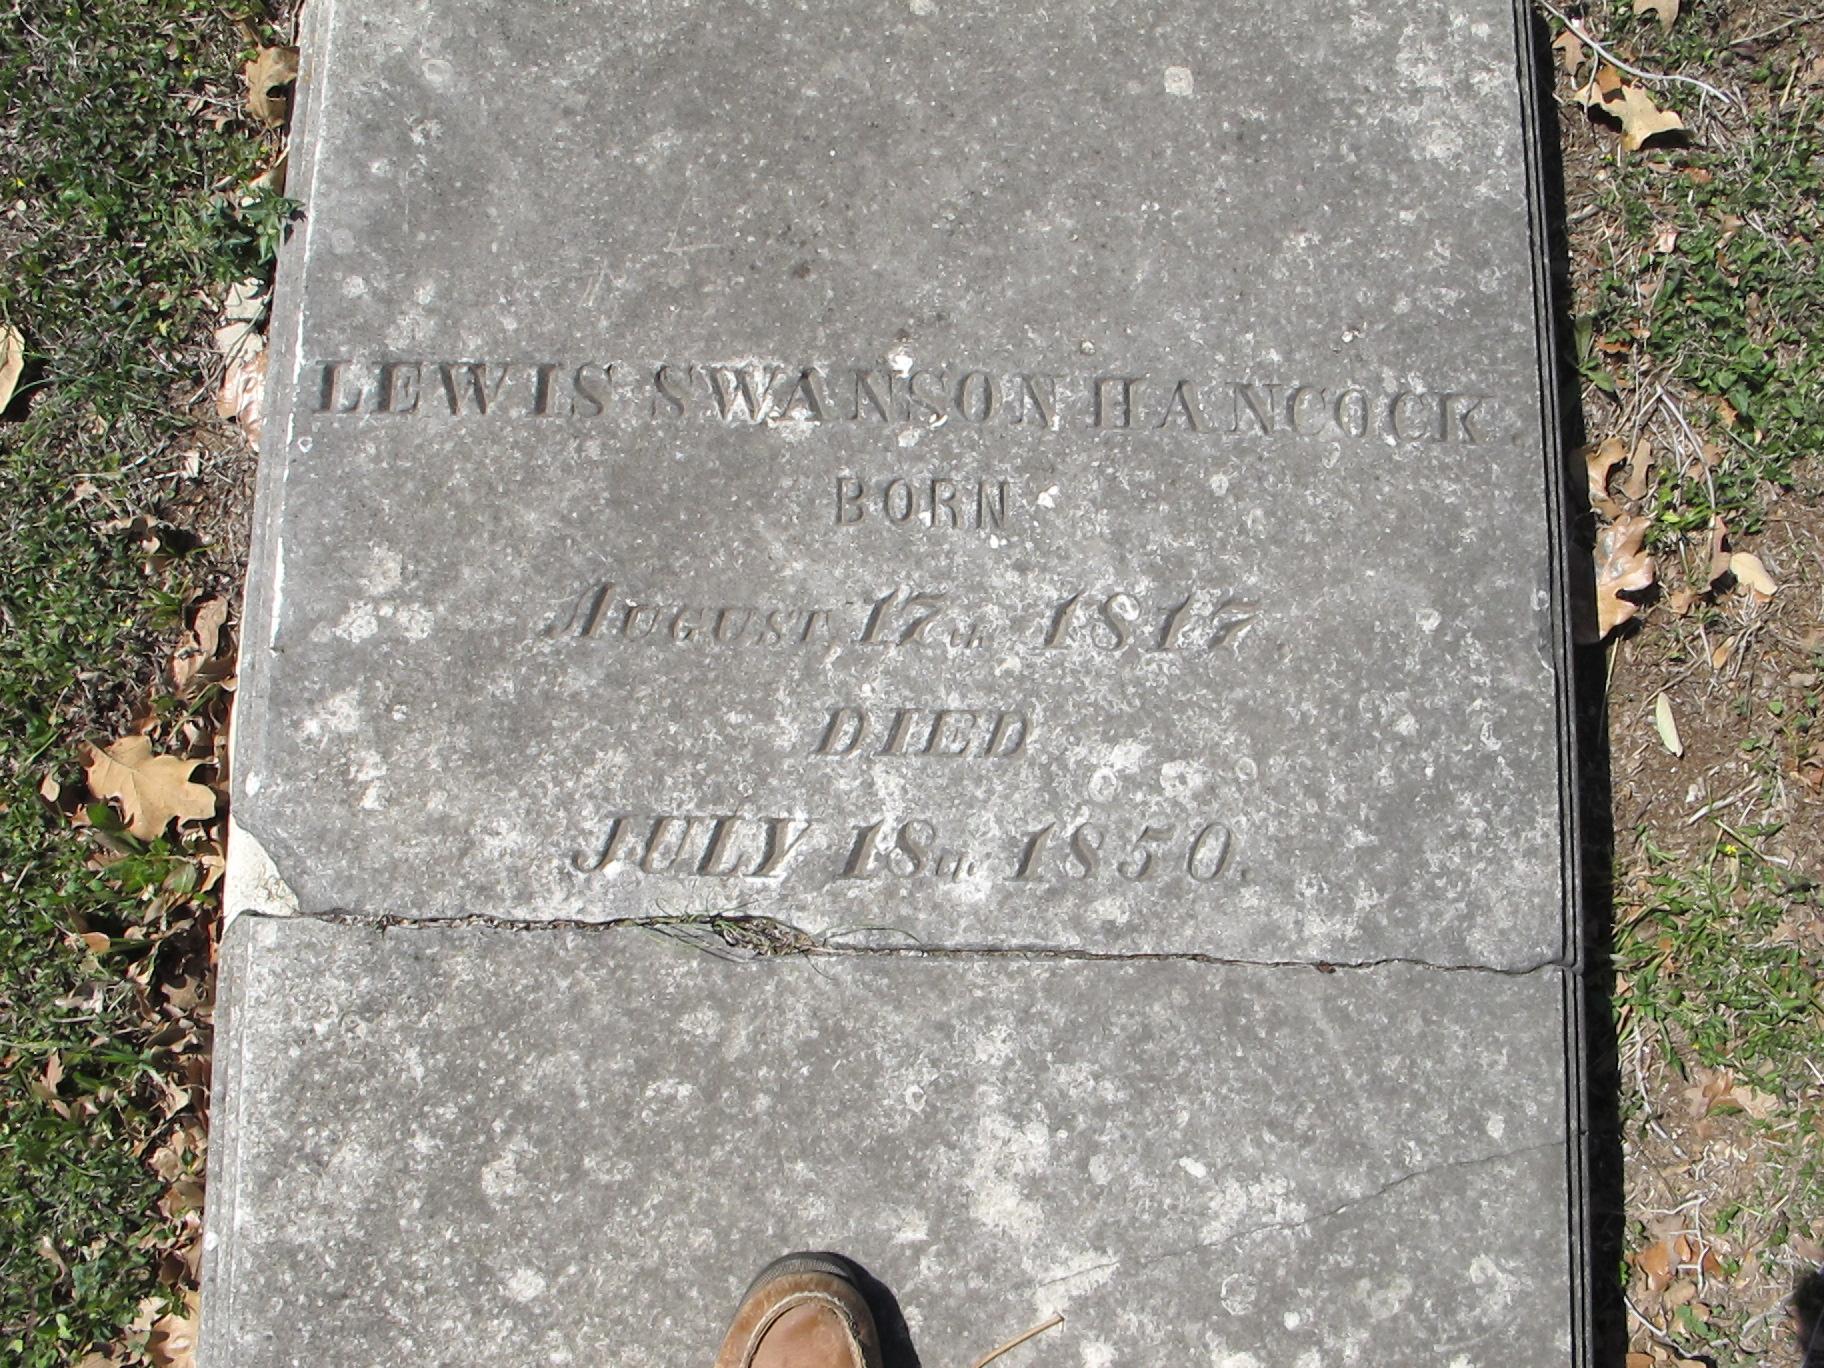 Lewis Swanson Hancock